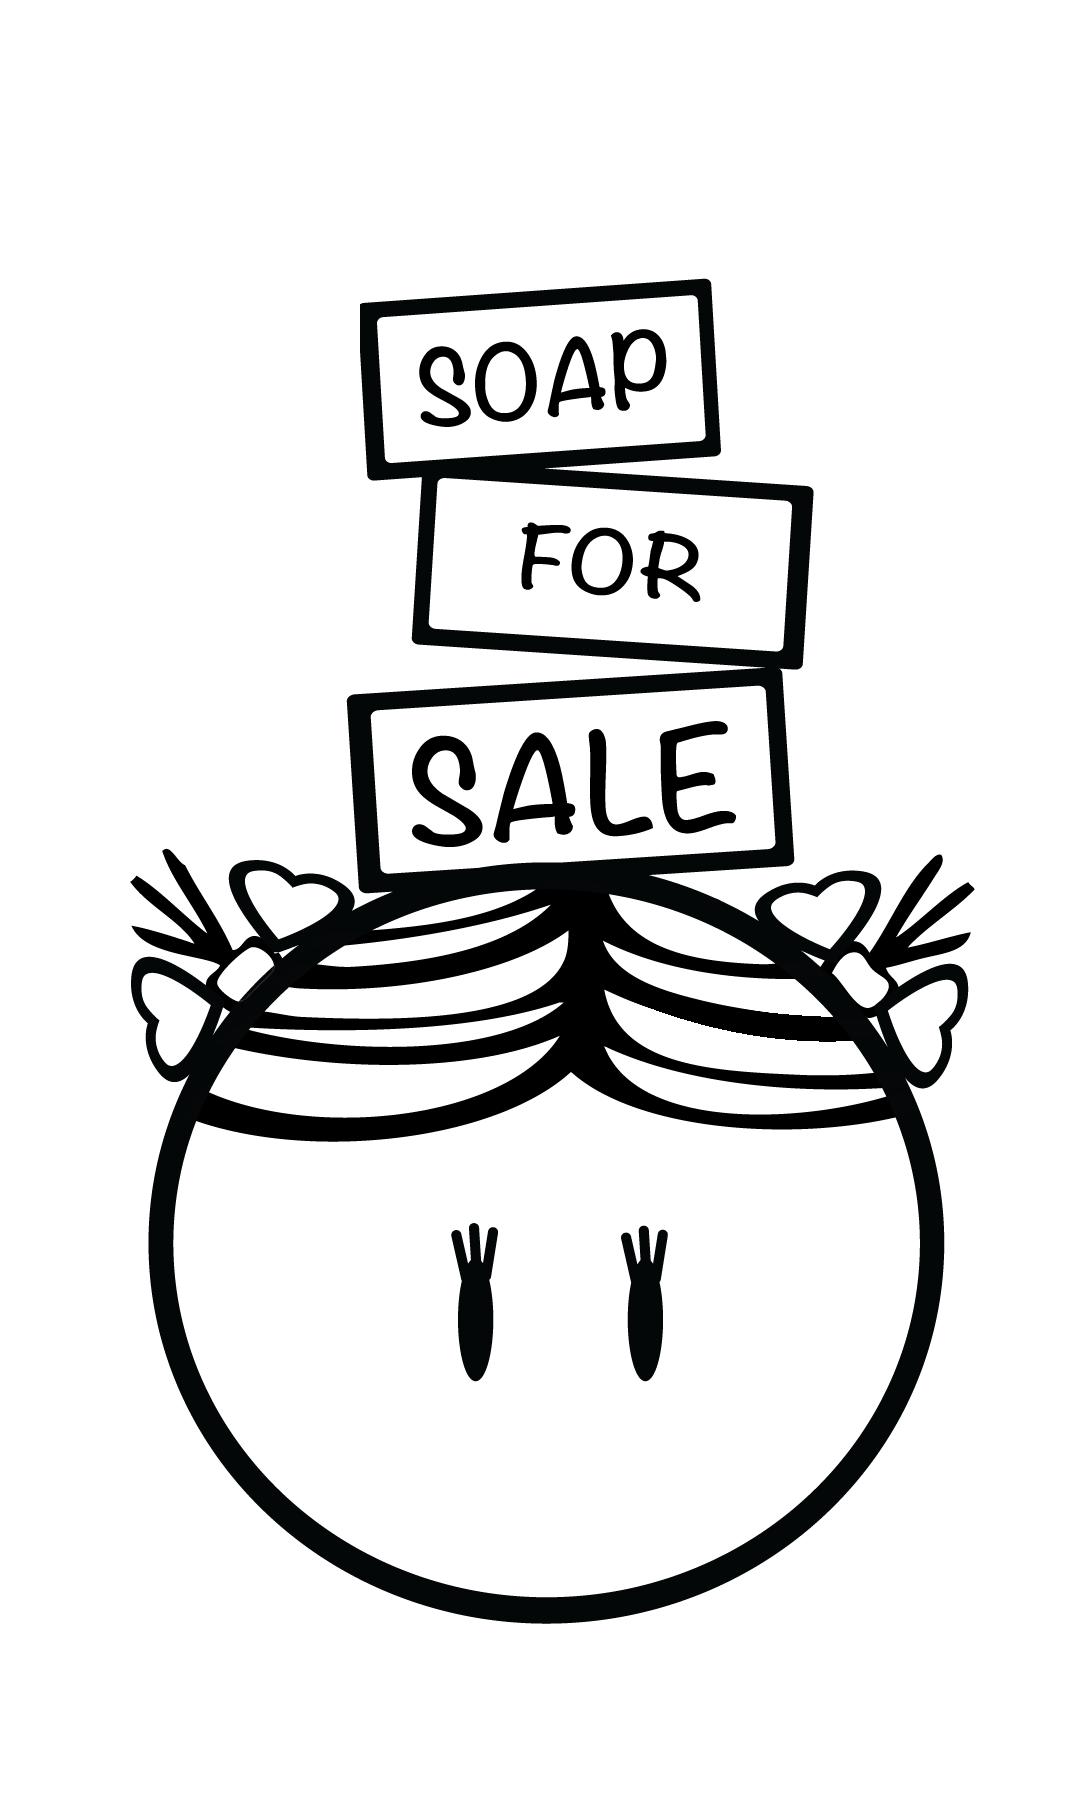 soap for sale, custom logo